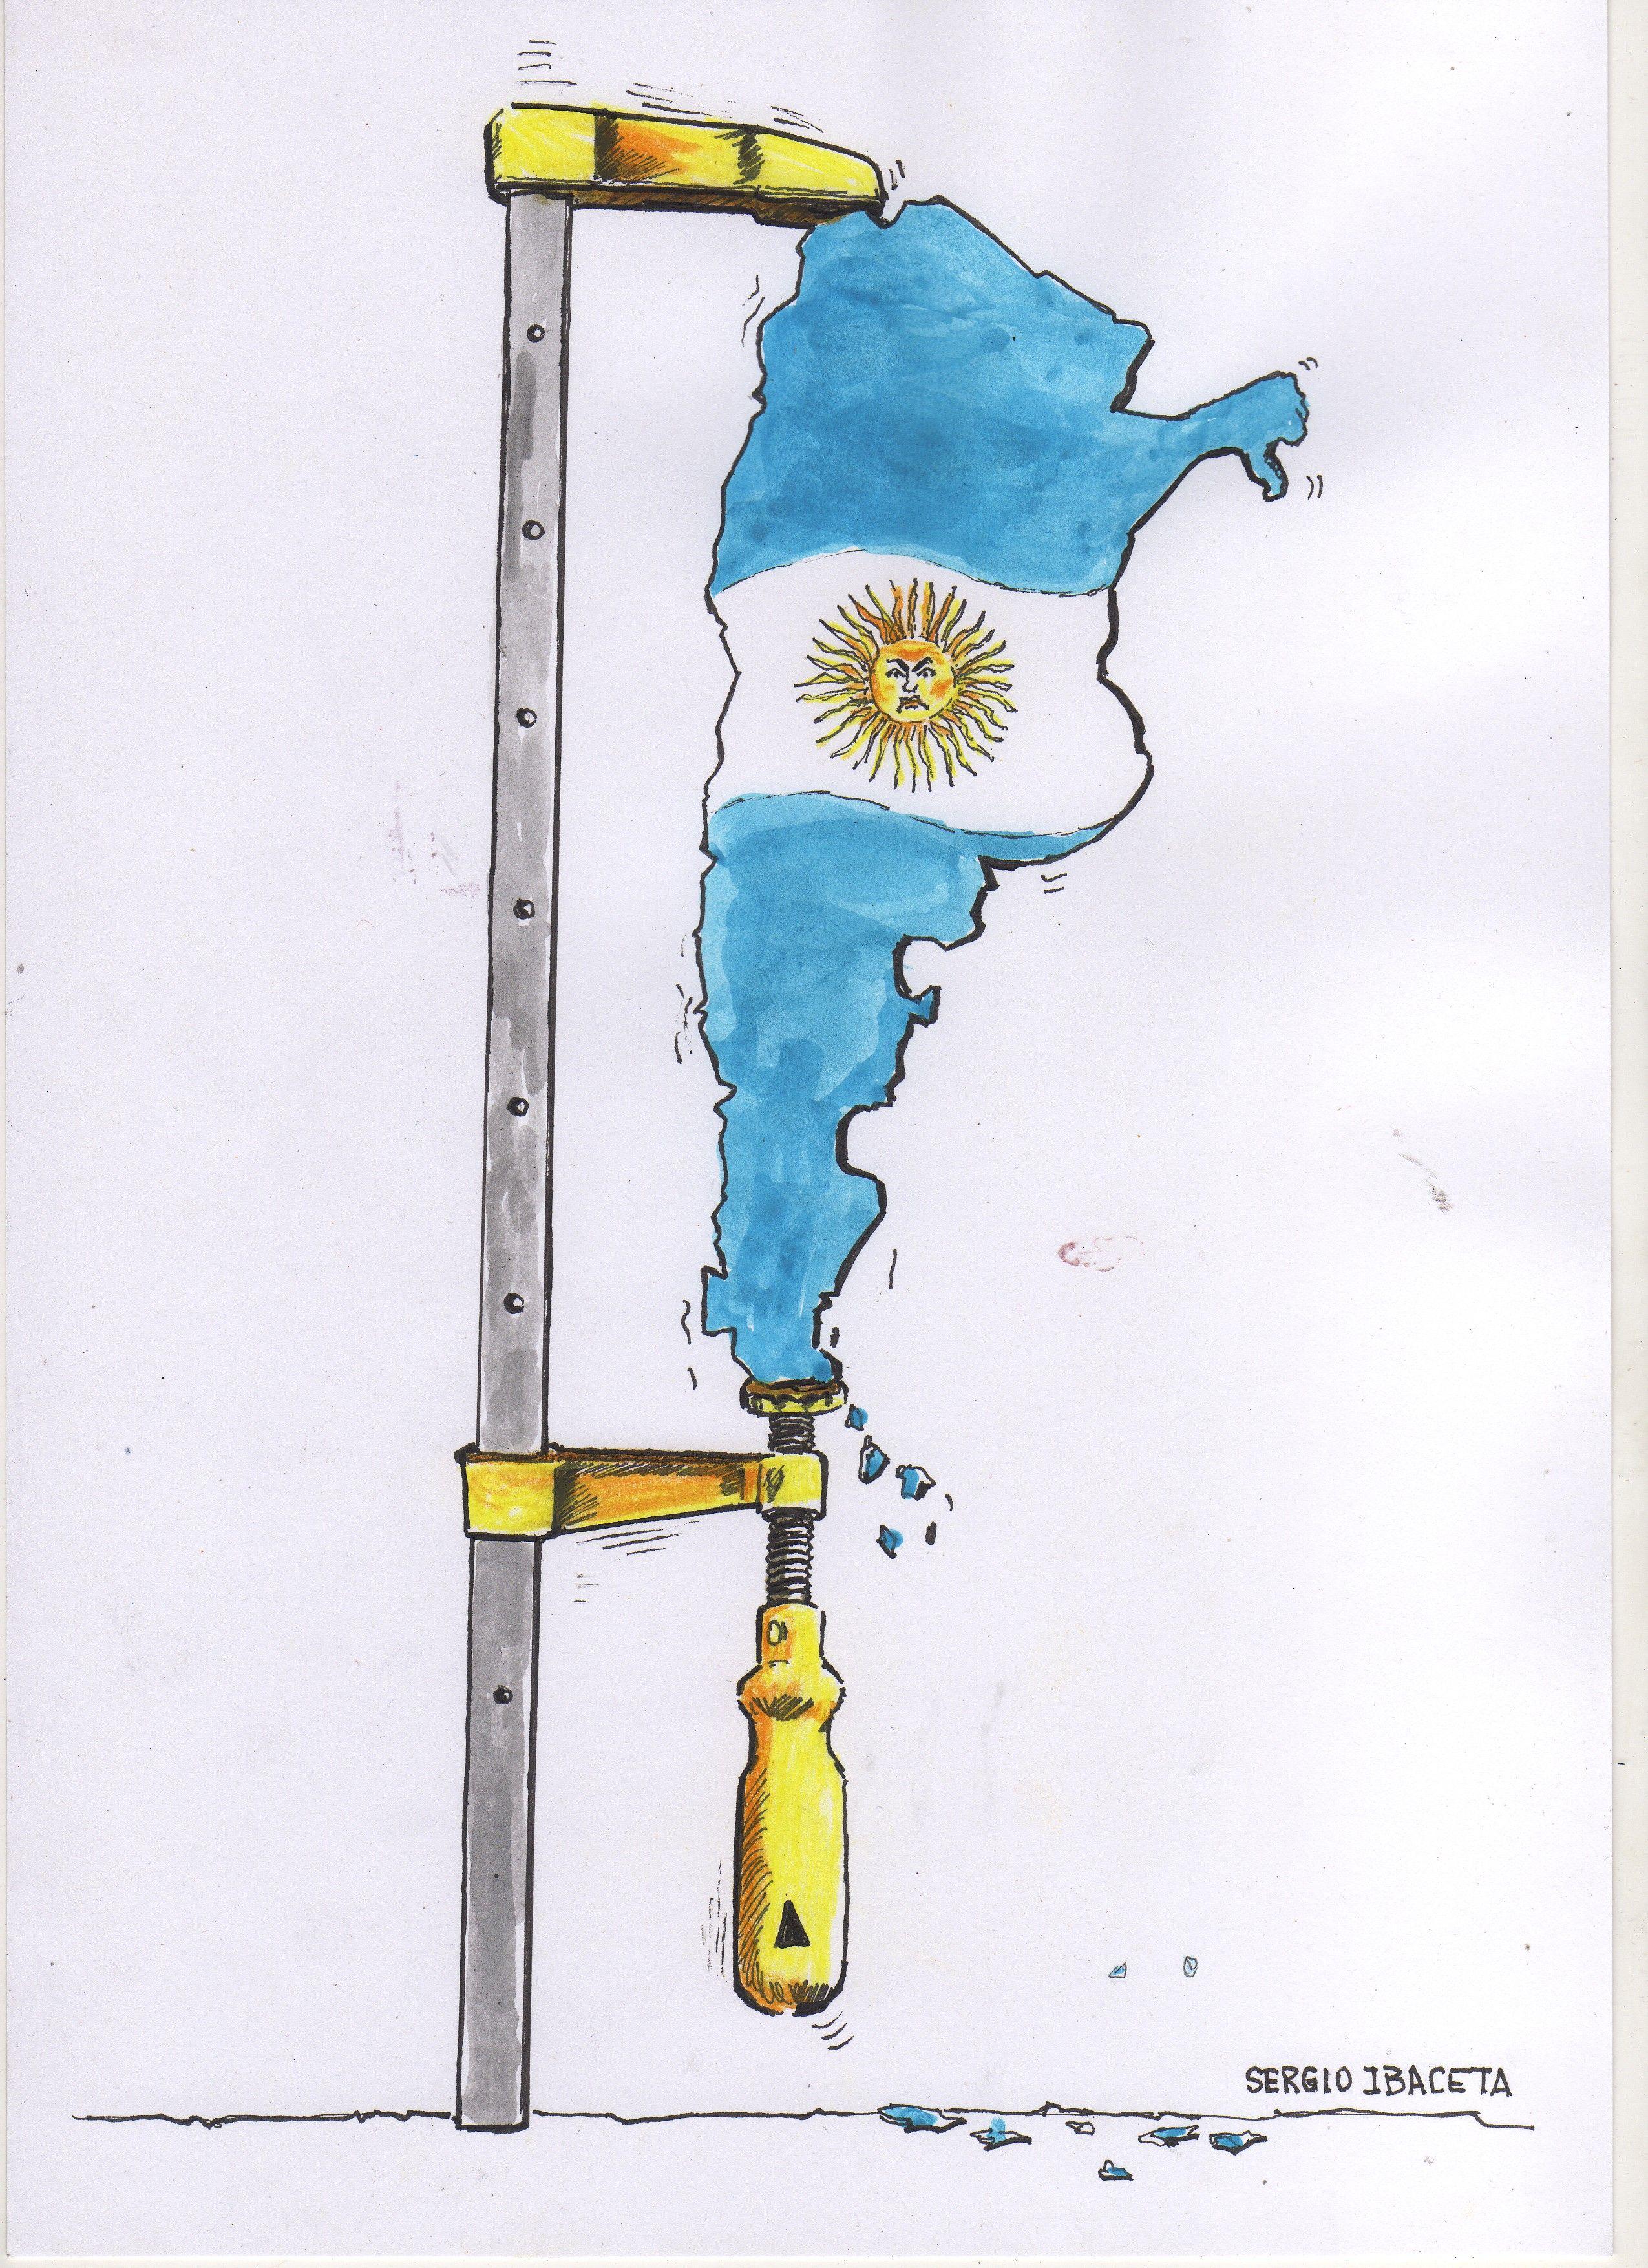 Reflexión lunfarda: El país de la quiebra moral y el más de lo mismo…